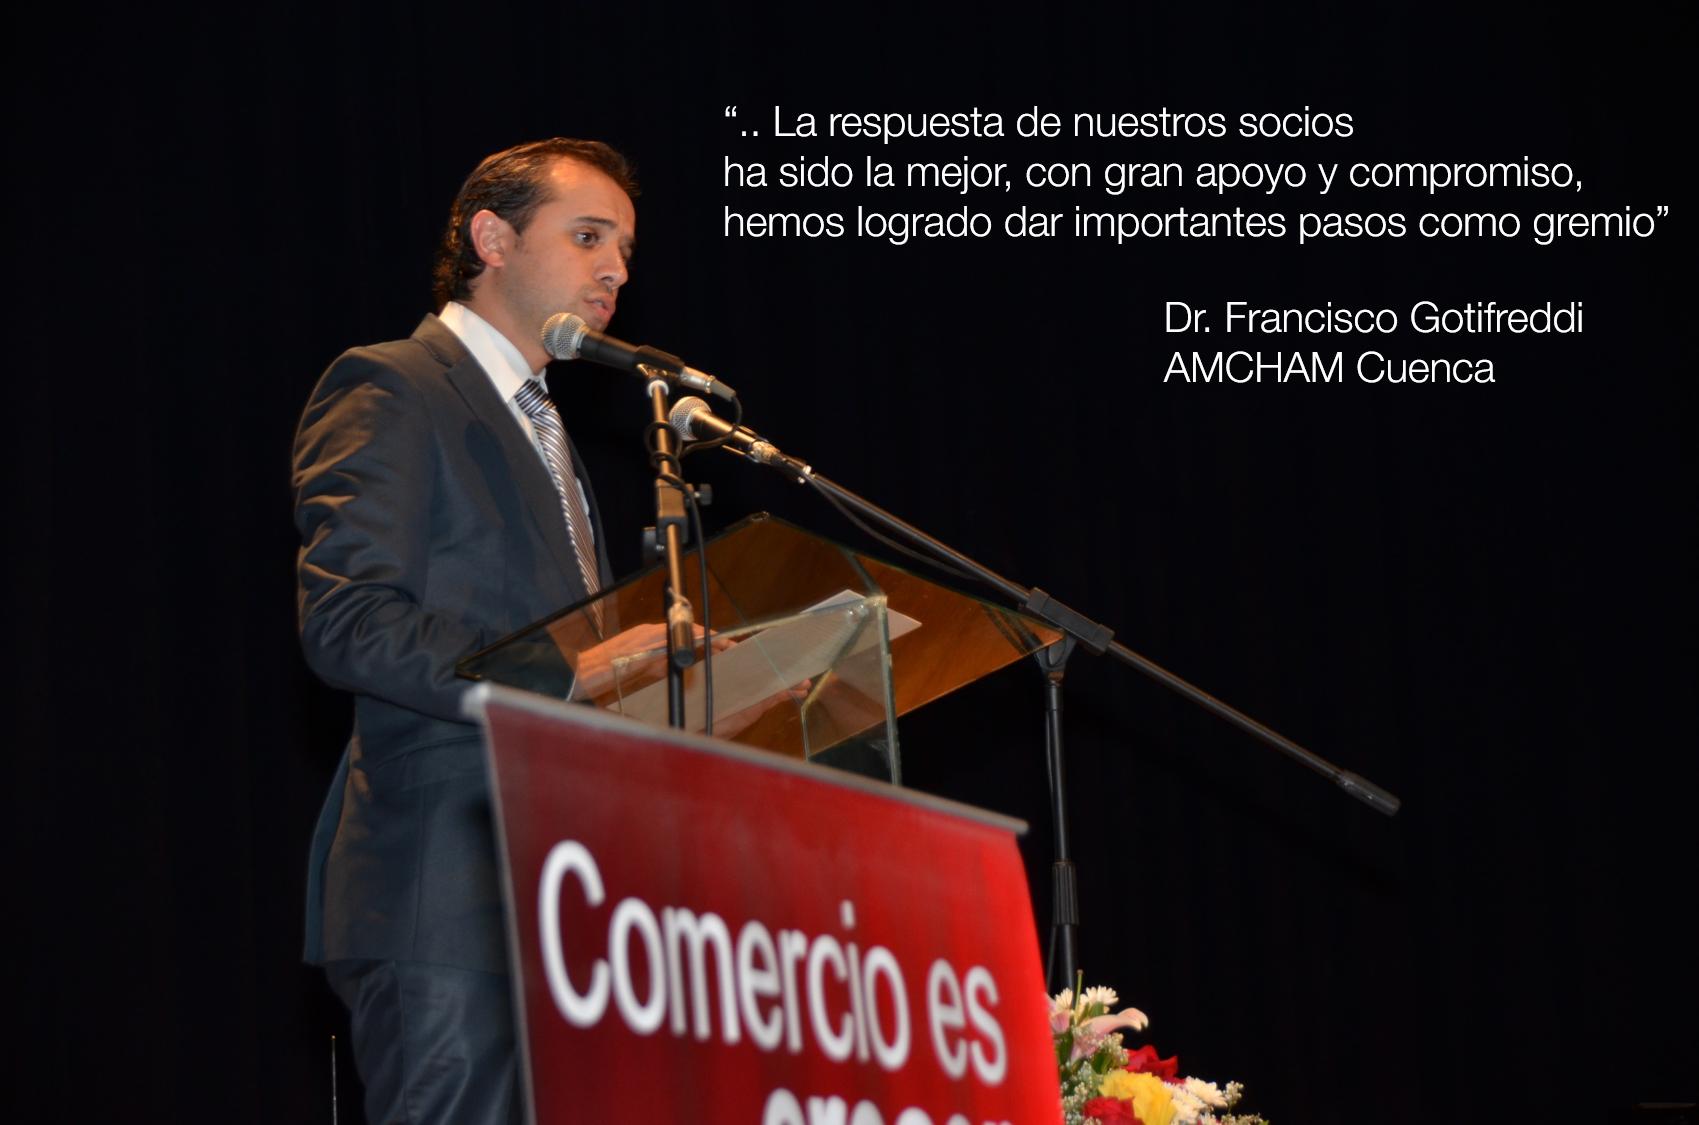 Desde AMCHAM Cuenca: Consolidando el trabajo con los agremiados